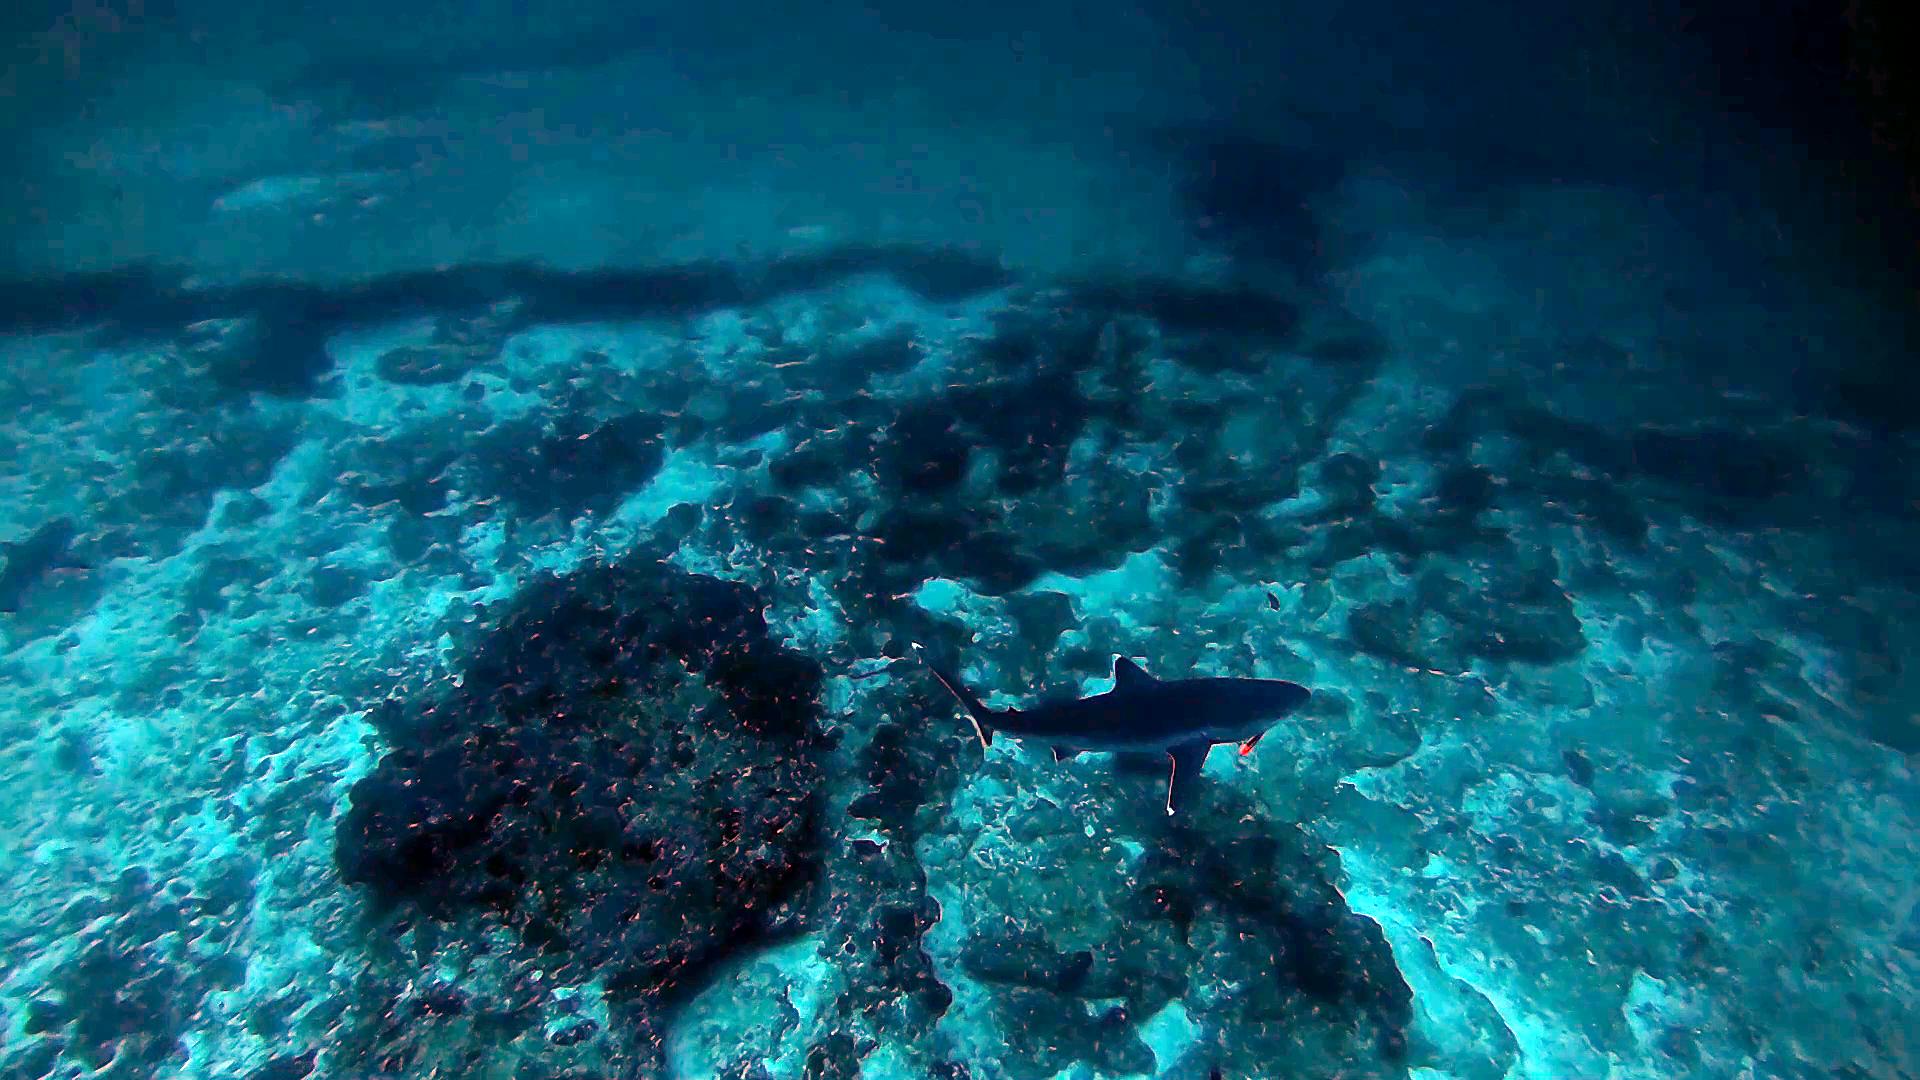 The silvertip Shark - Carcharhinus albimarginatus - Squalo dalle punte argentee - intotheblue.it